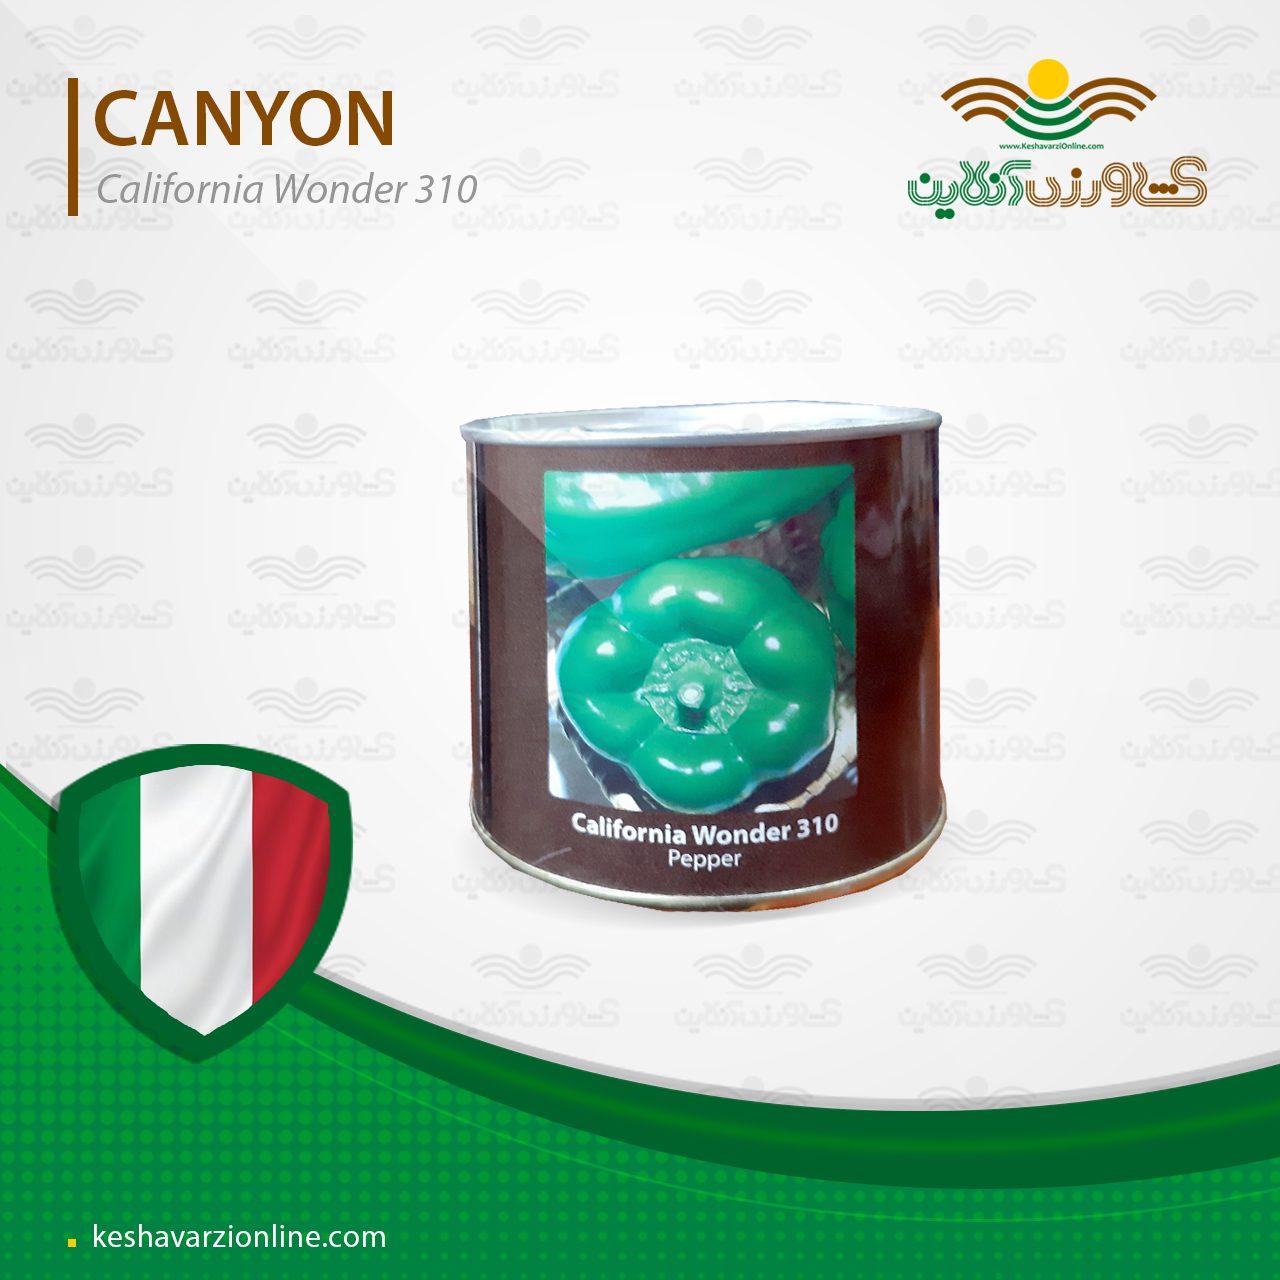 بذر فلفل دلمه ای کالیفرنیا واندر 310 کنیون ایتالیا